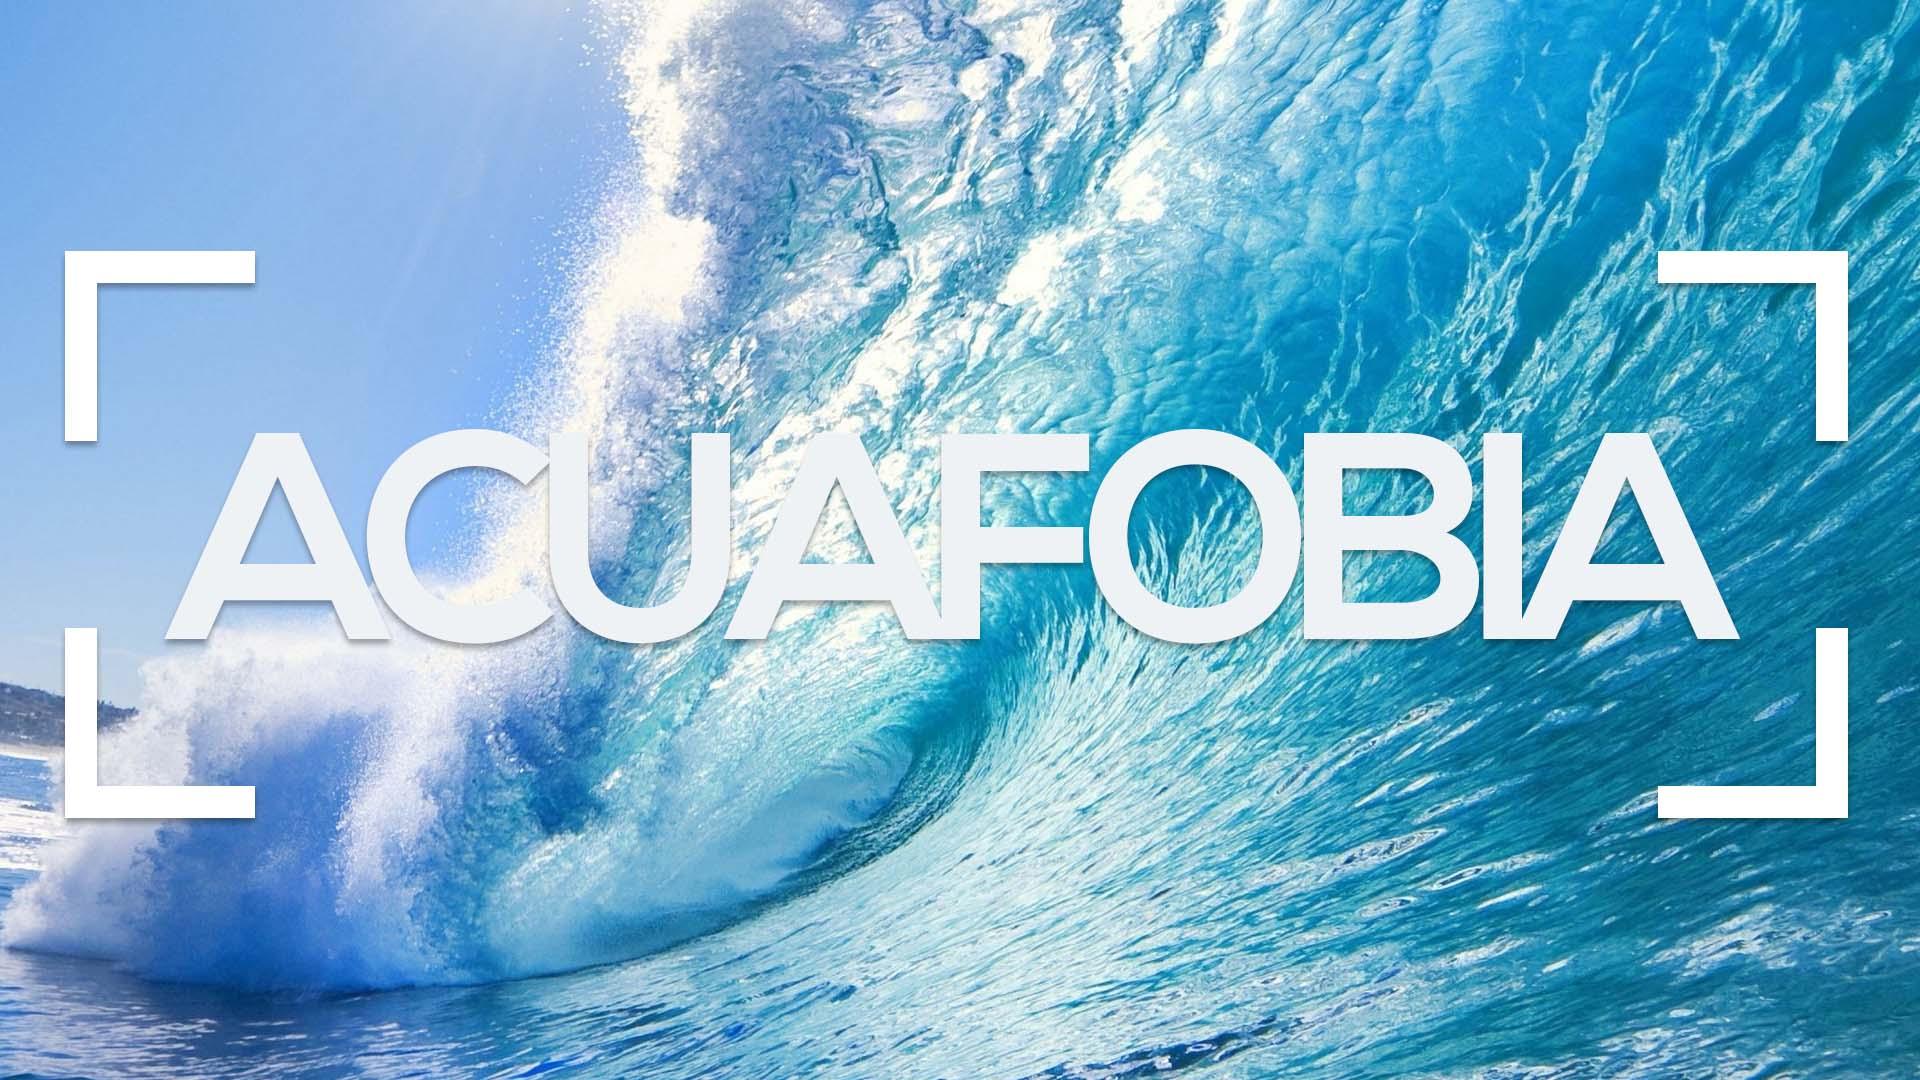 se muestra una ola de mar y la palabra acuafobia